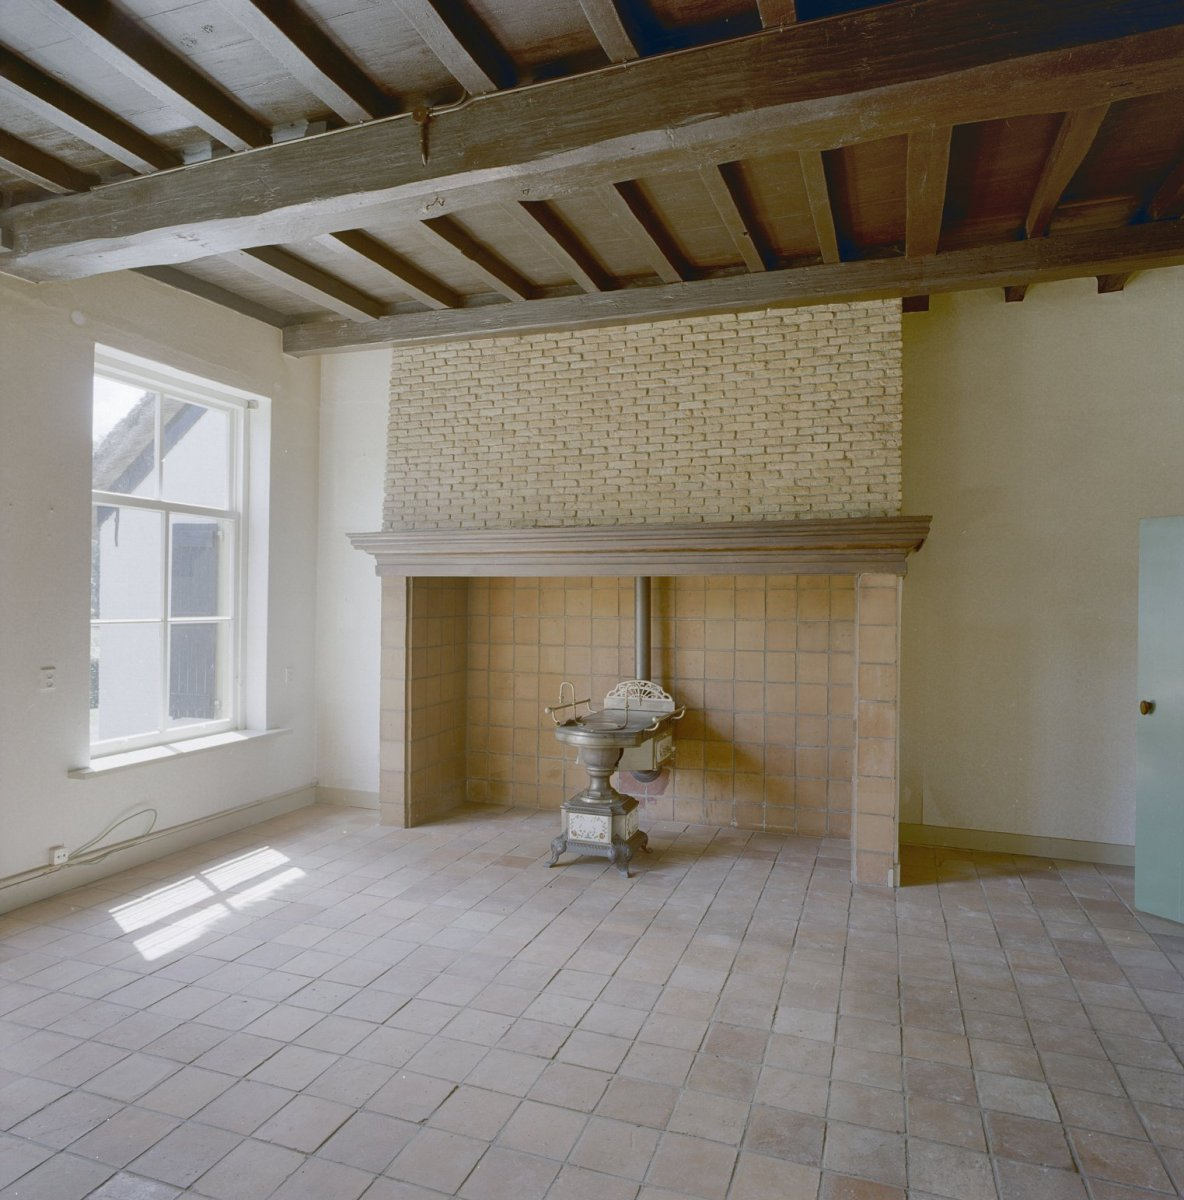 FileInterieur woonkamer met schouw en balkenplafond